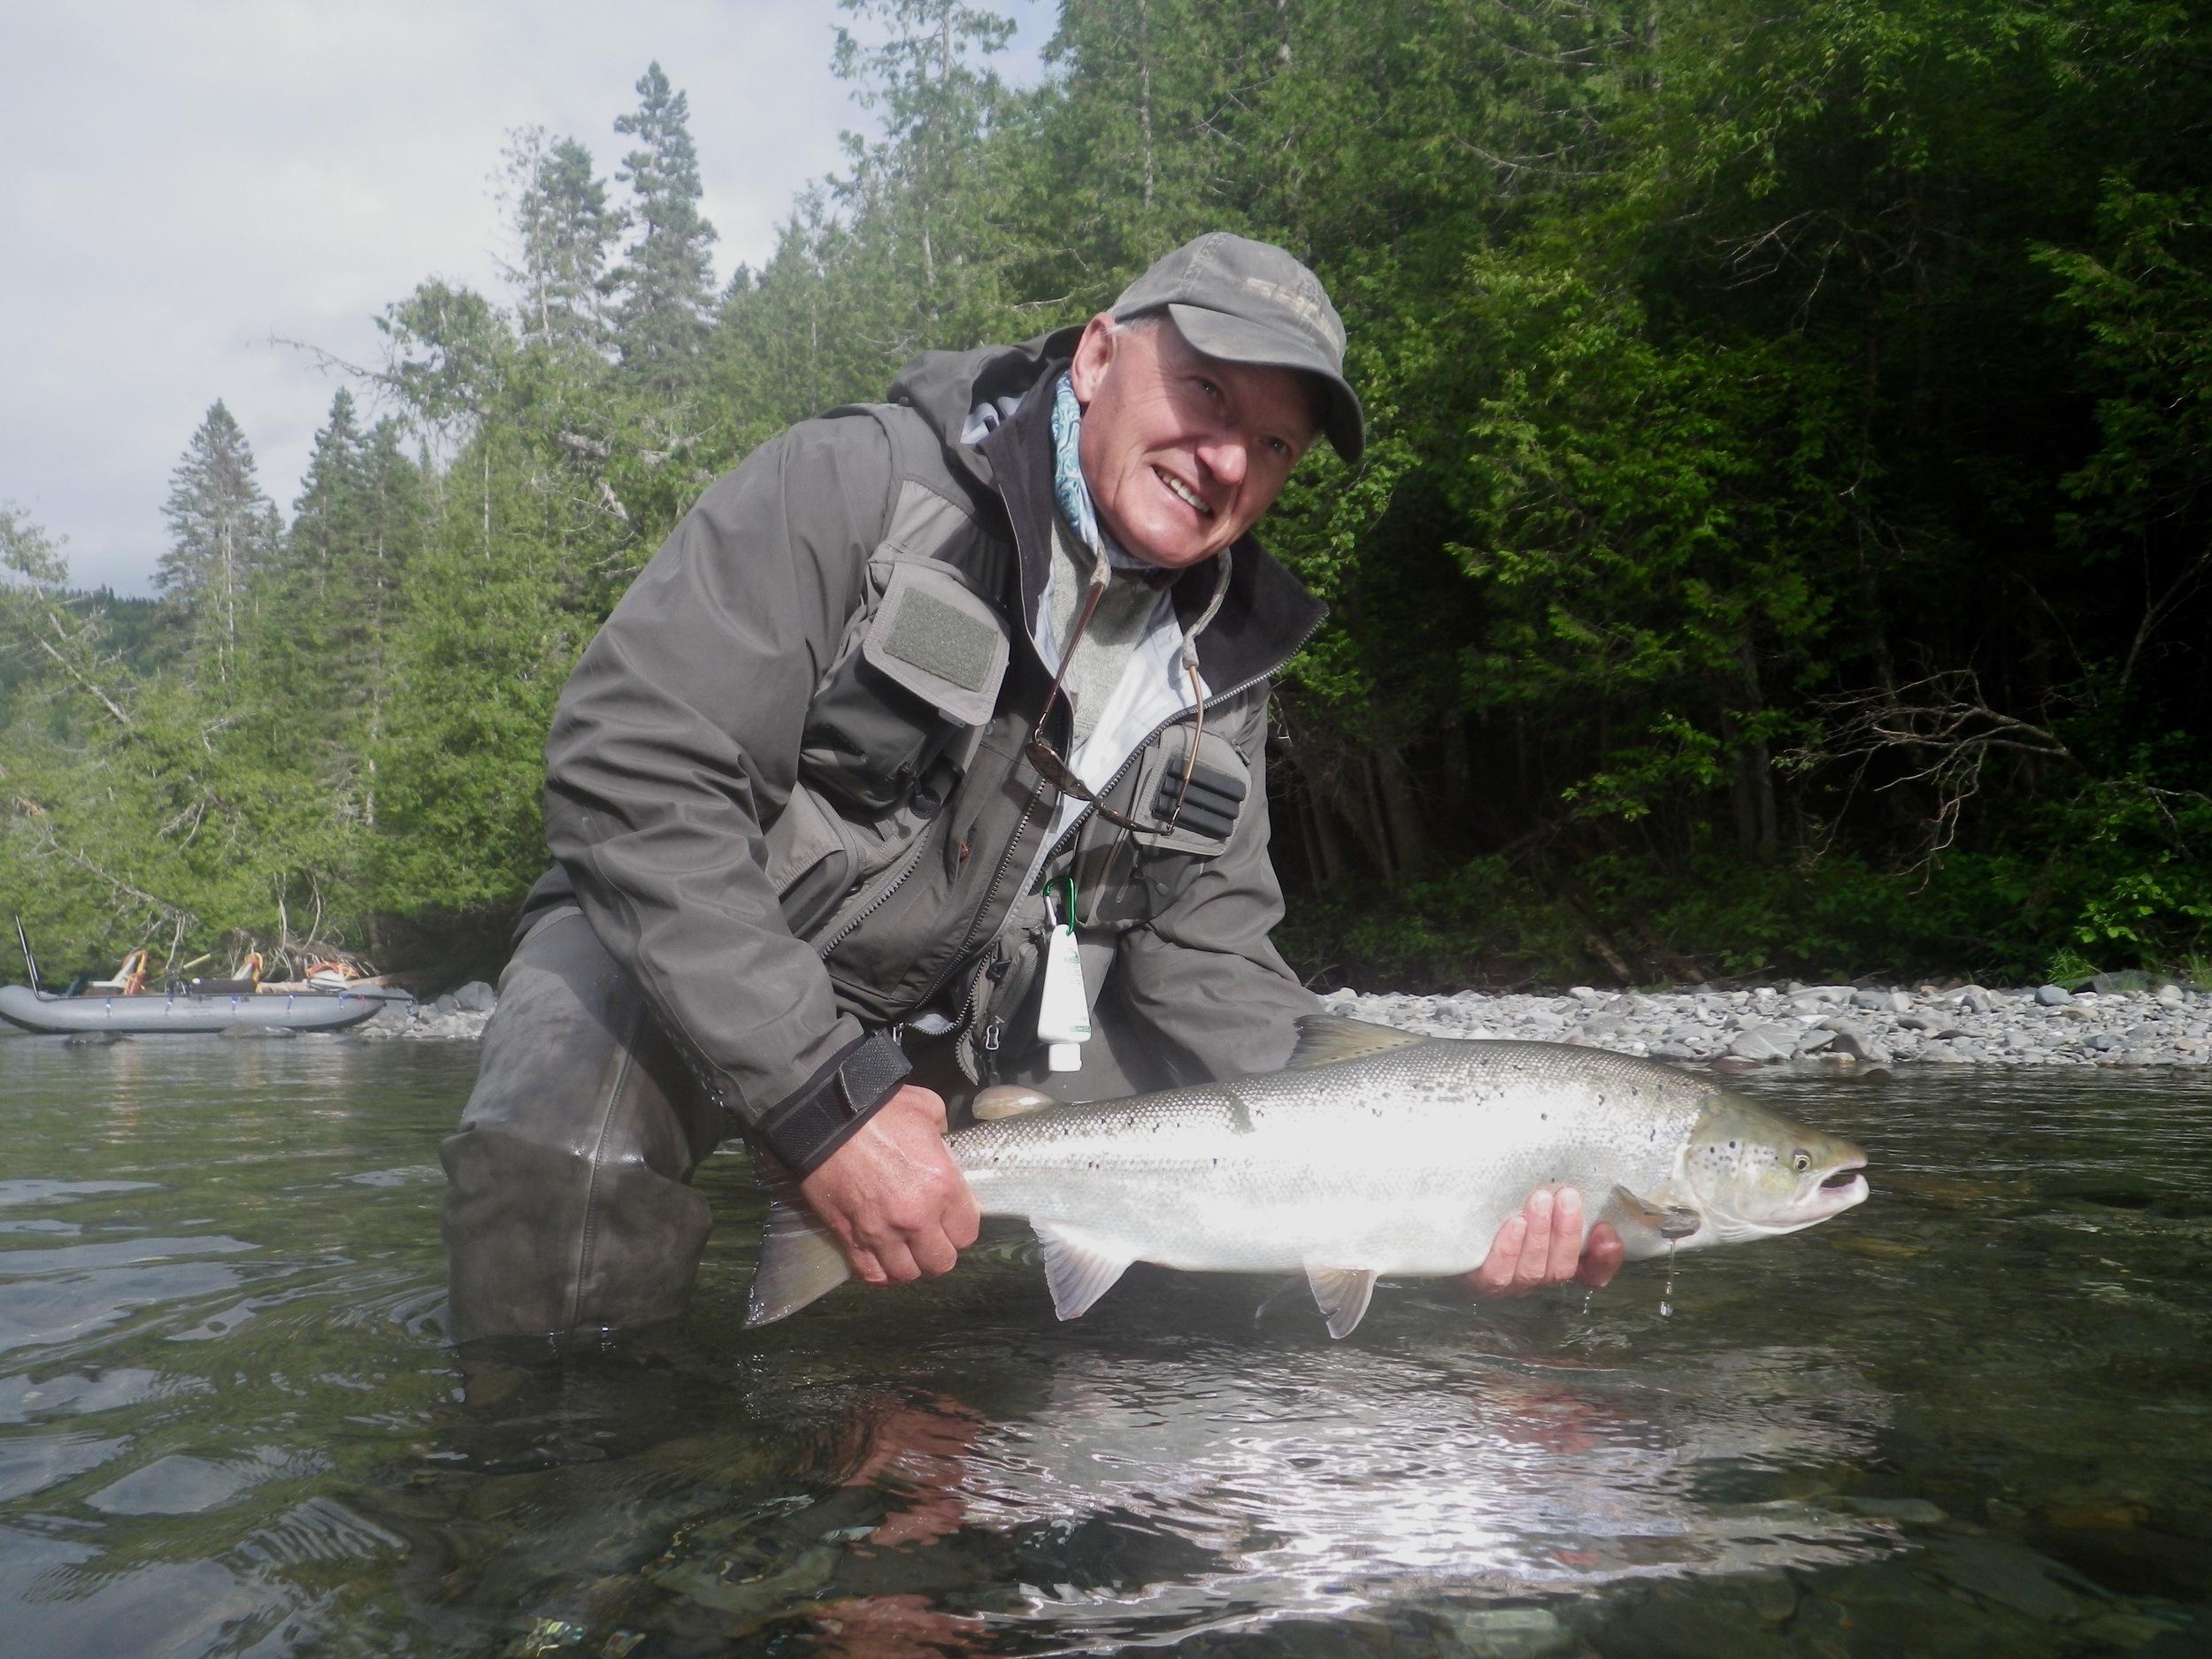 Peter Bennett, un habitué du Camp Bonaventure, remet à l'eau un beau saumon de la Bonaventure. Belle prise, Peter!